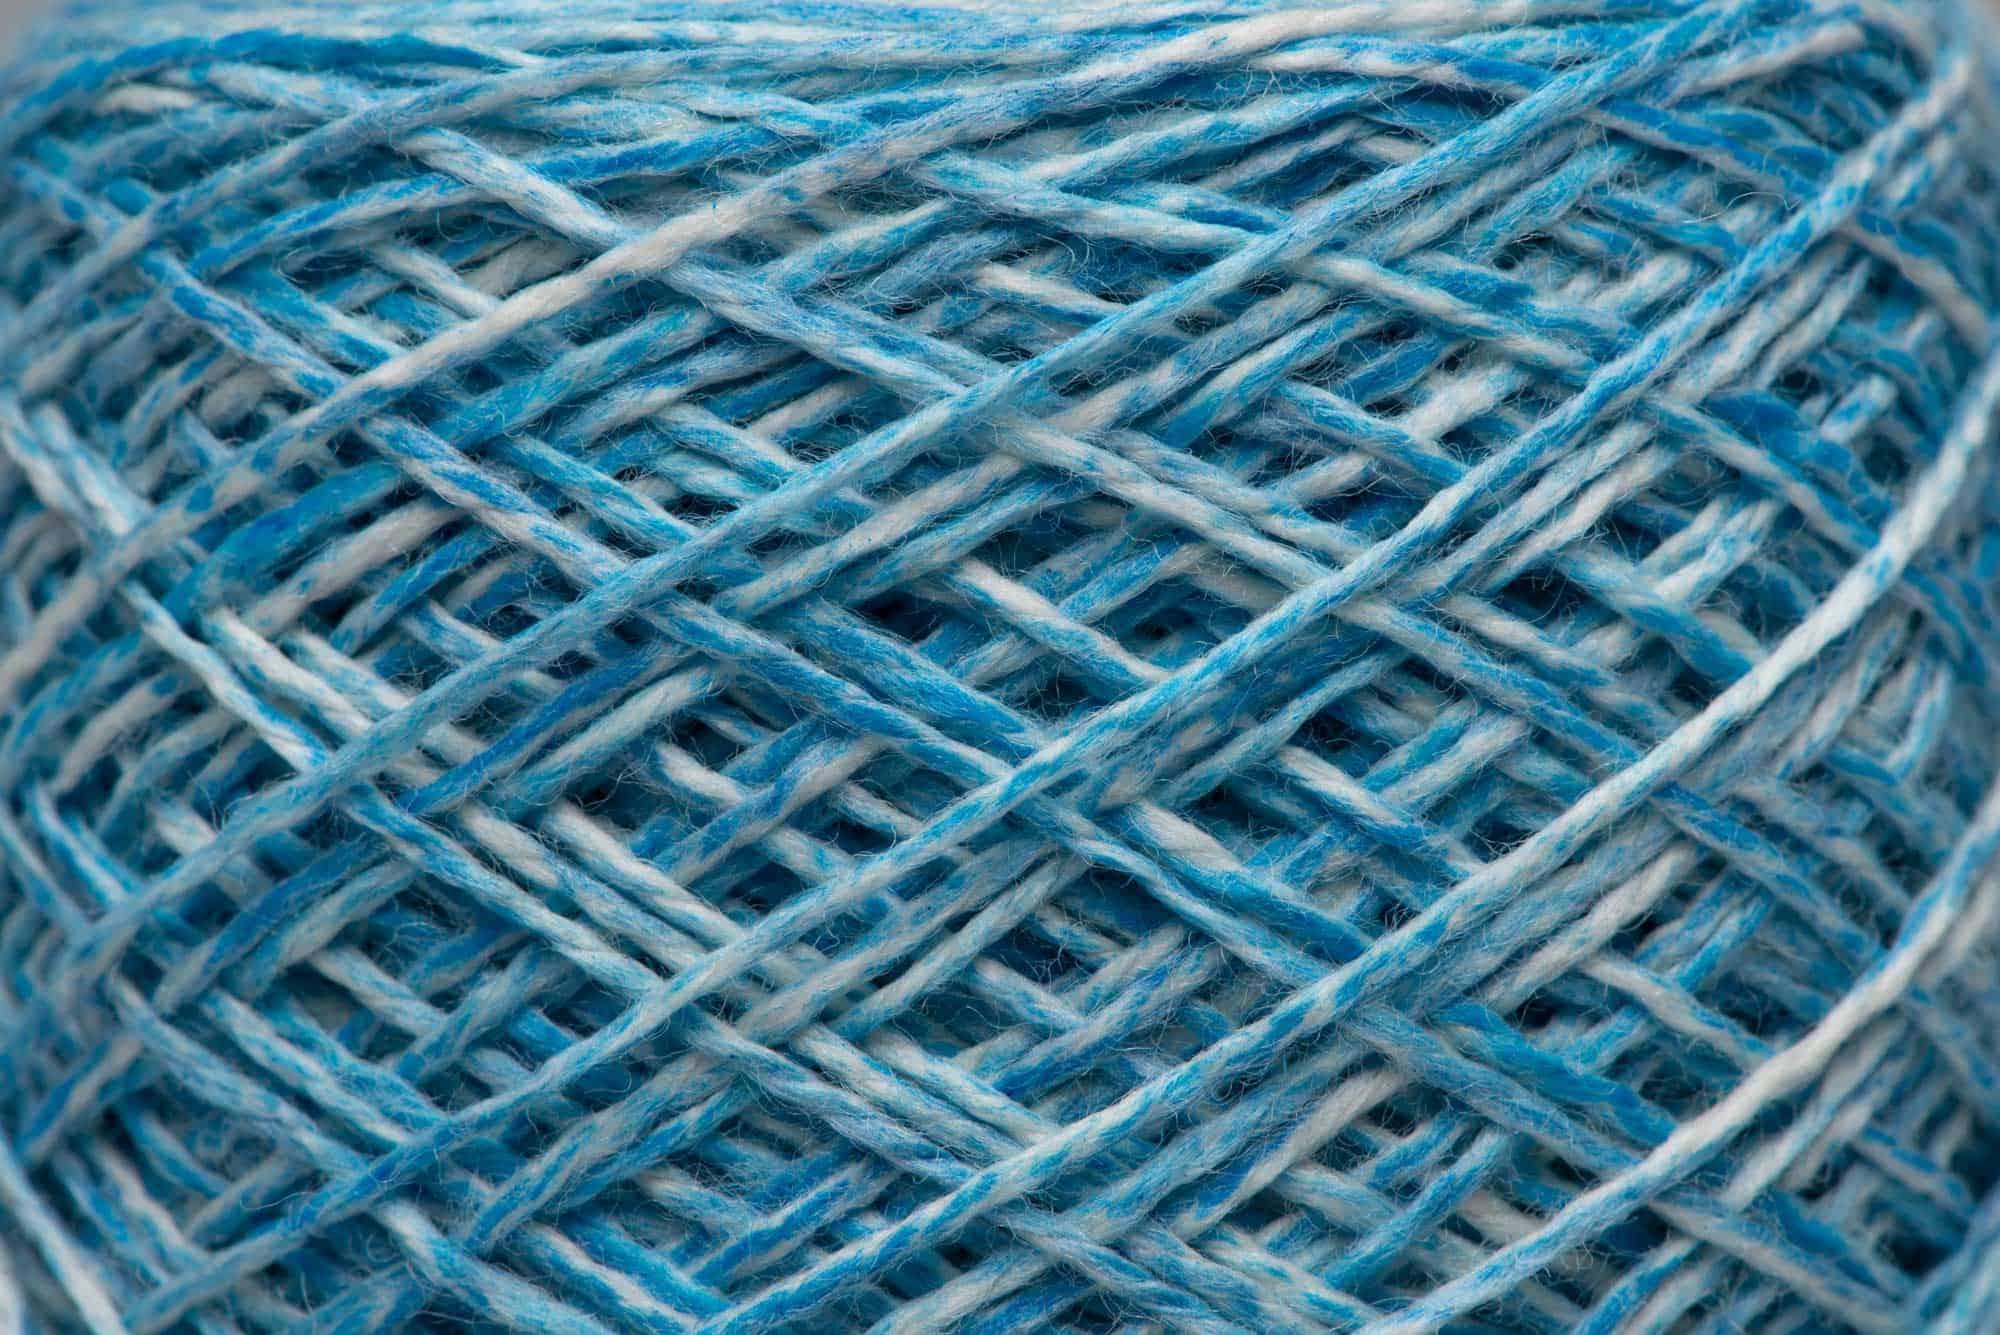 Lapis Lazuli-dyed 100% Merino Wool